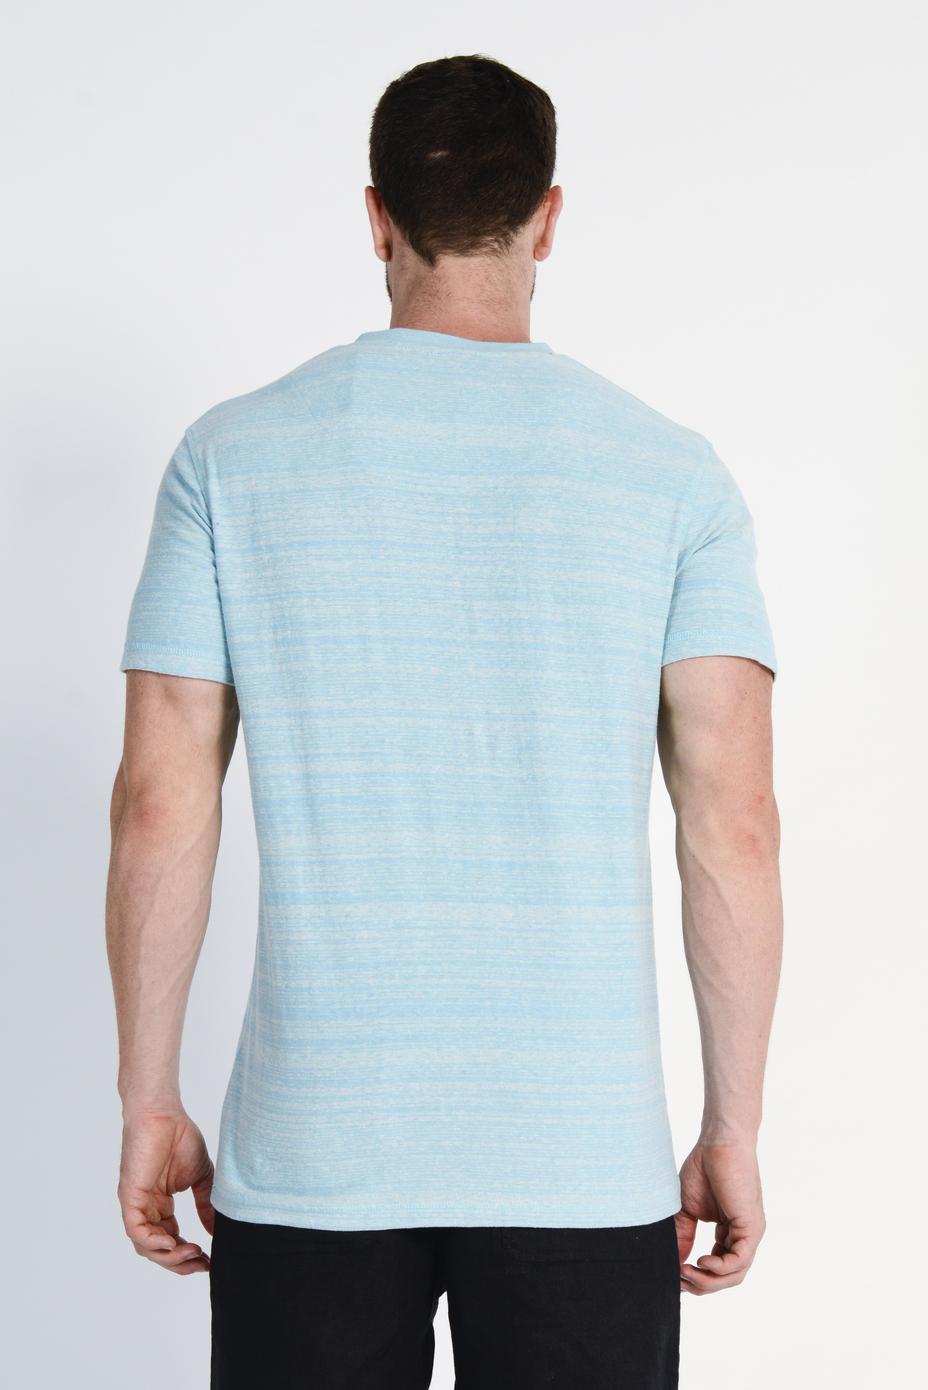 Men's Hemp Cotton V Neck Blended Tee- Sky